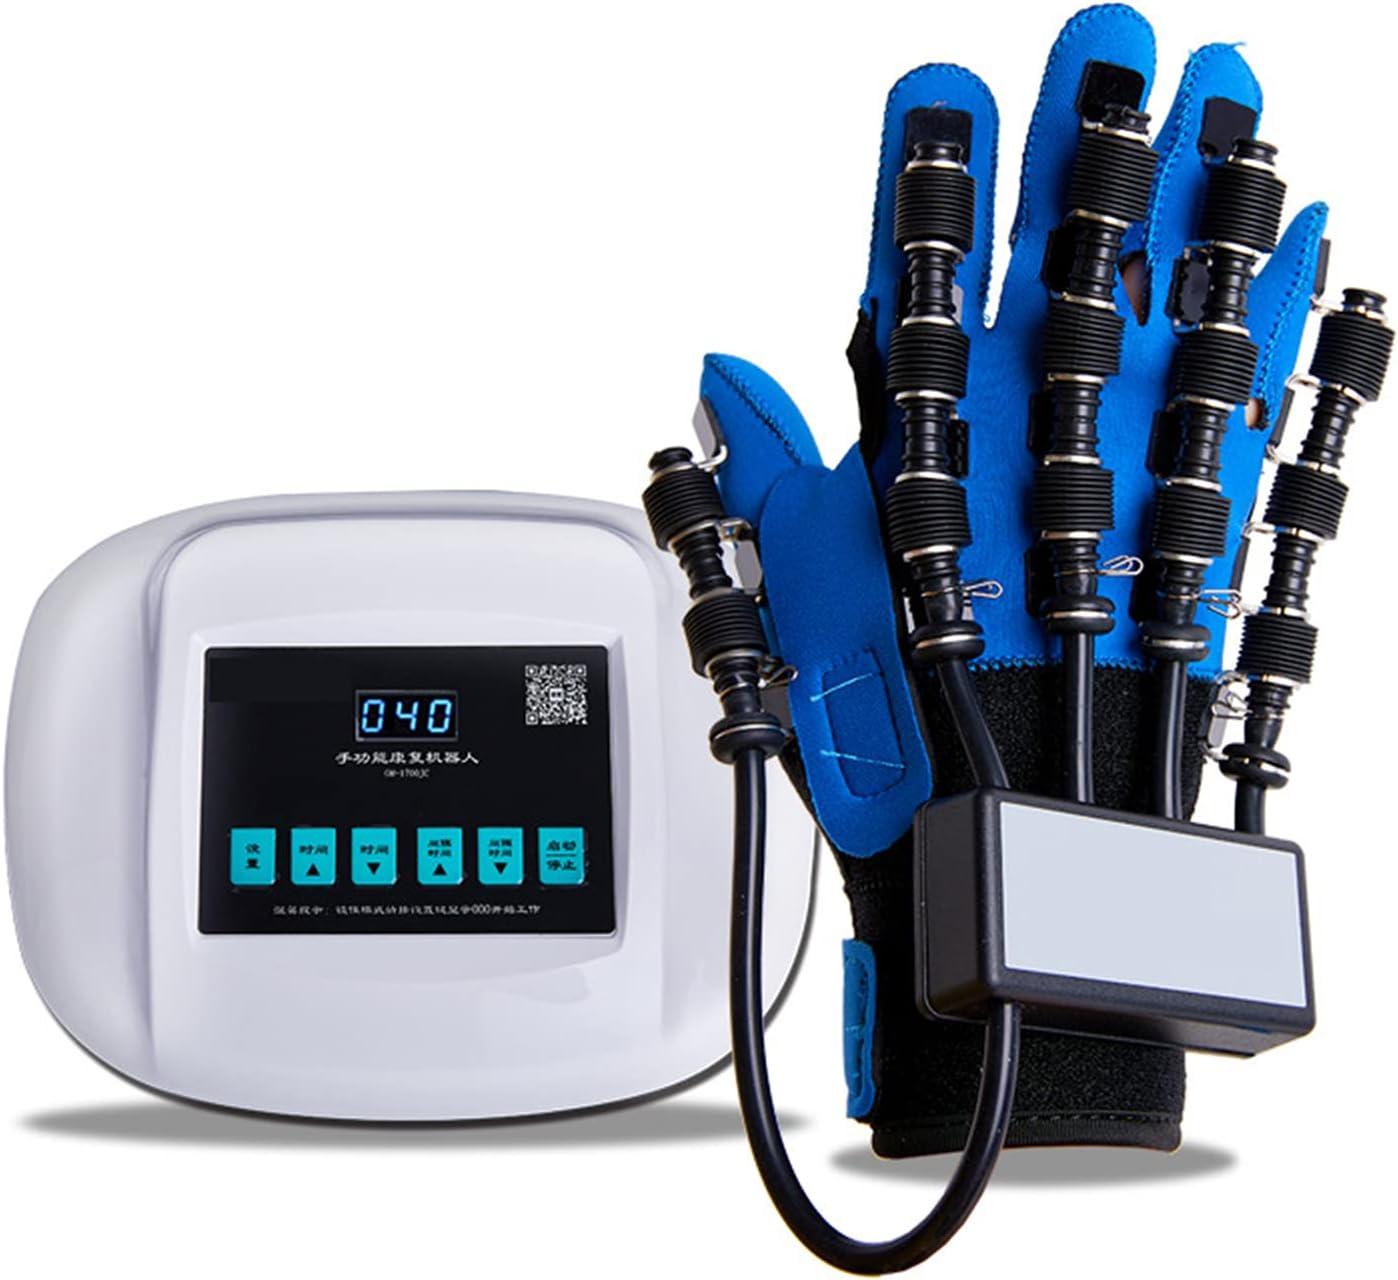 Ejercitador Neumático De Dedos, Guantes De Robot De Rehabilitación De Manos, Movimiento Ortopédico De Flexión Y Extensión De Dedos, para Pacientes con Hemiplejía por Accidente Cerebrovascular